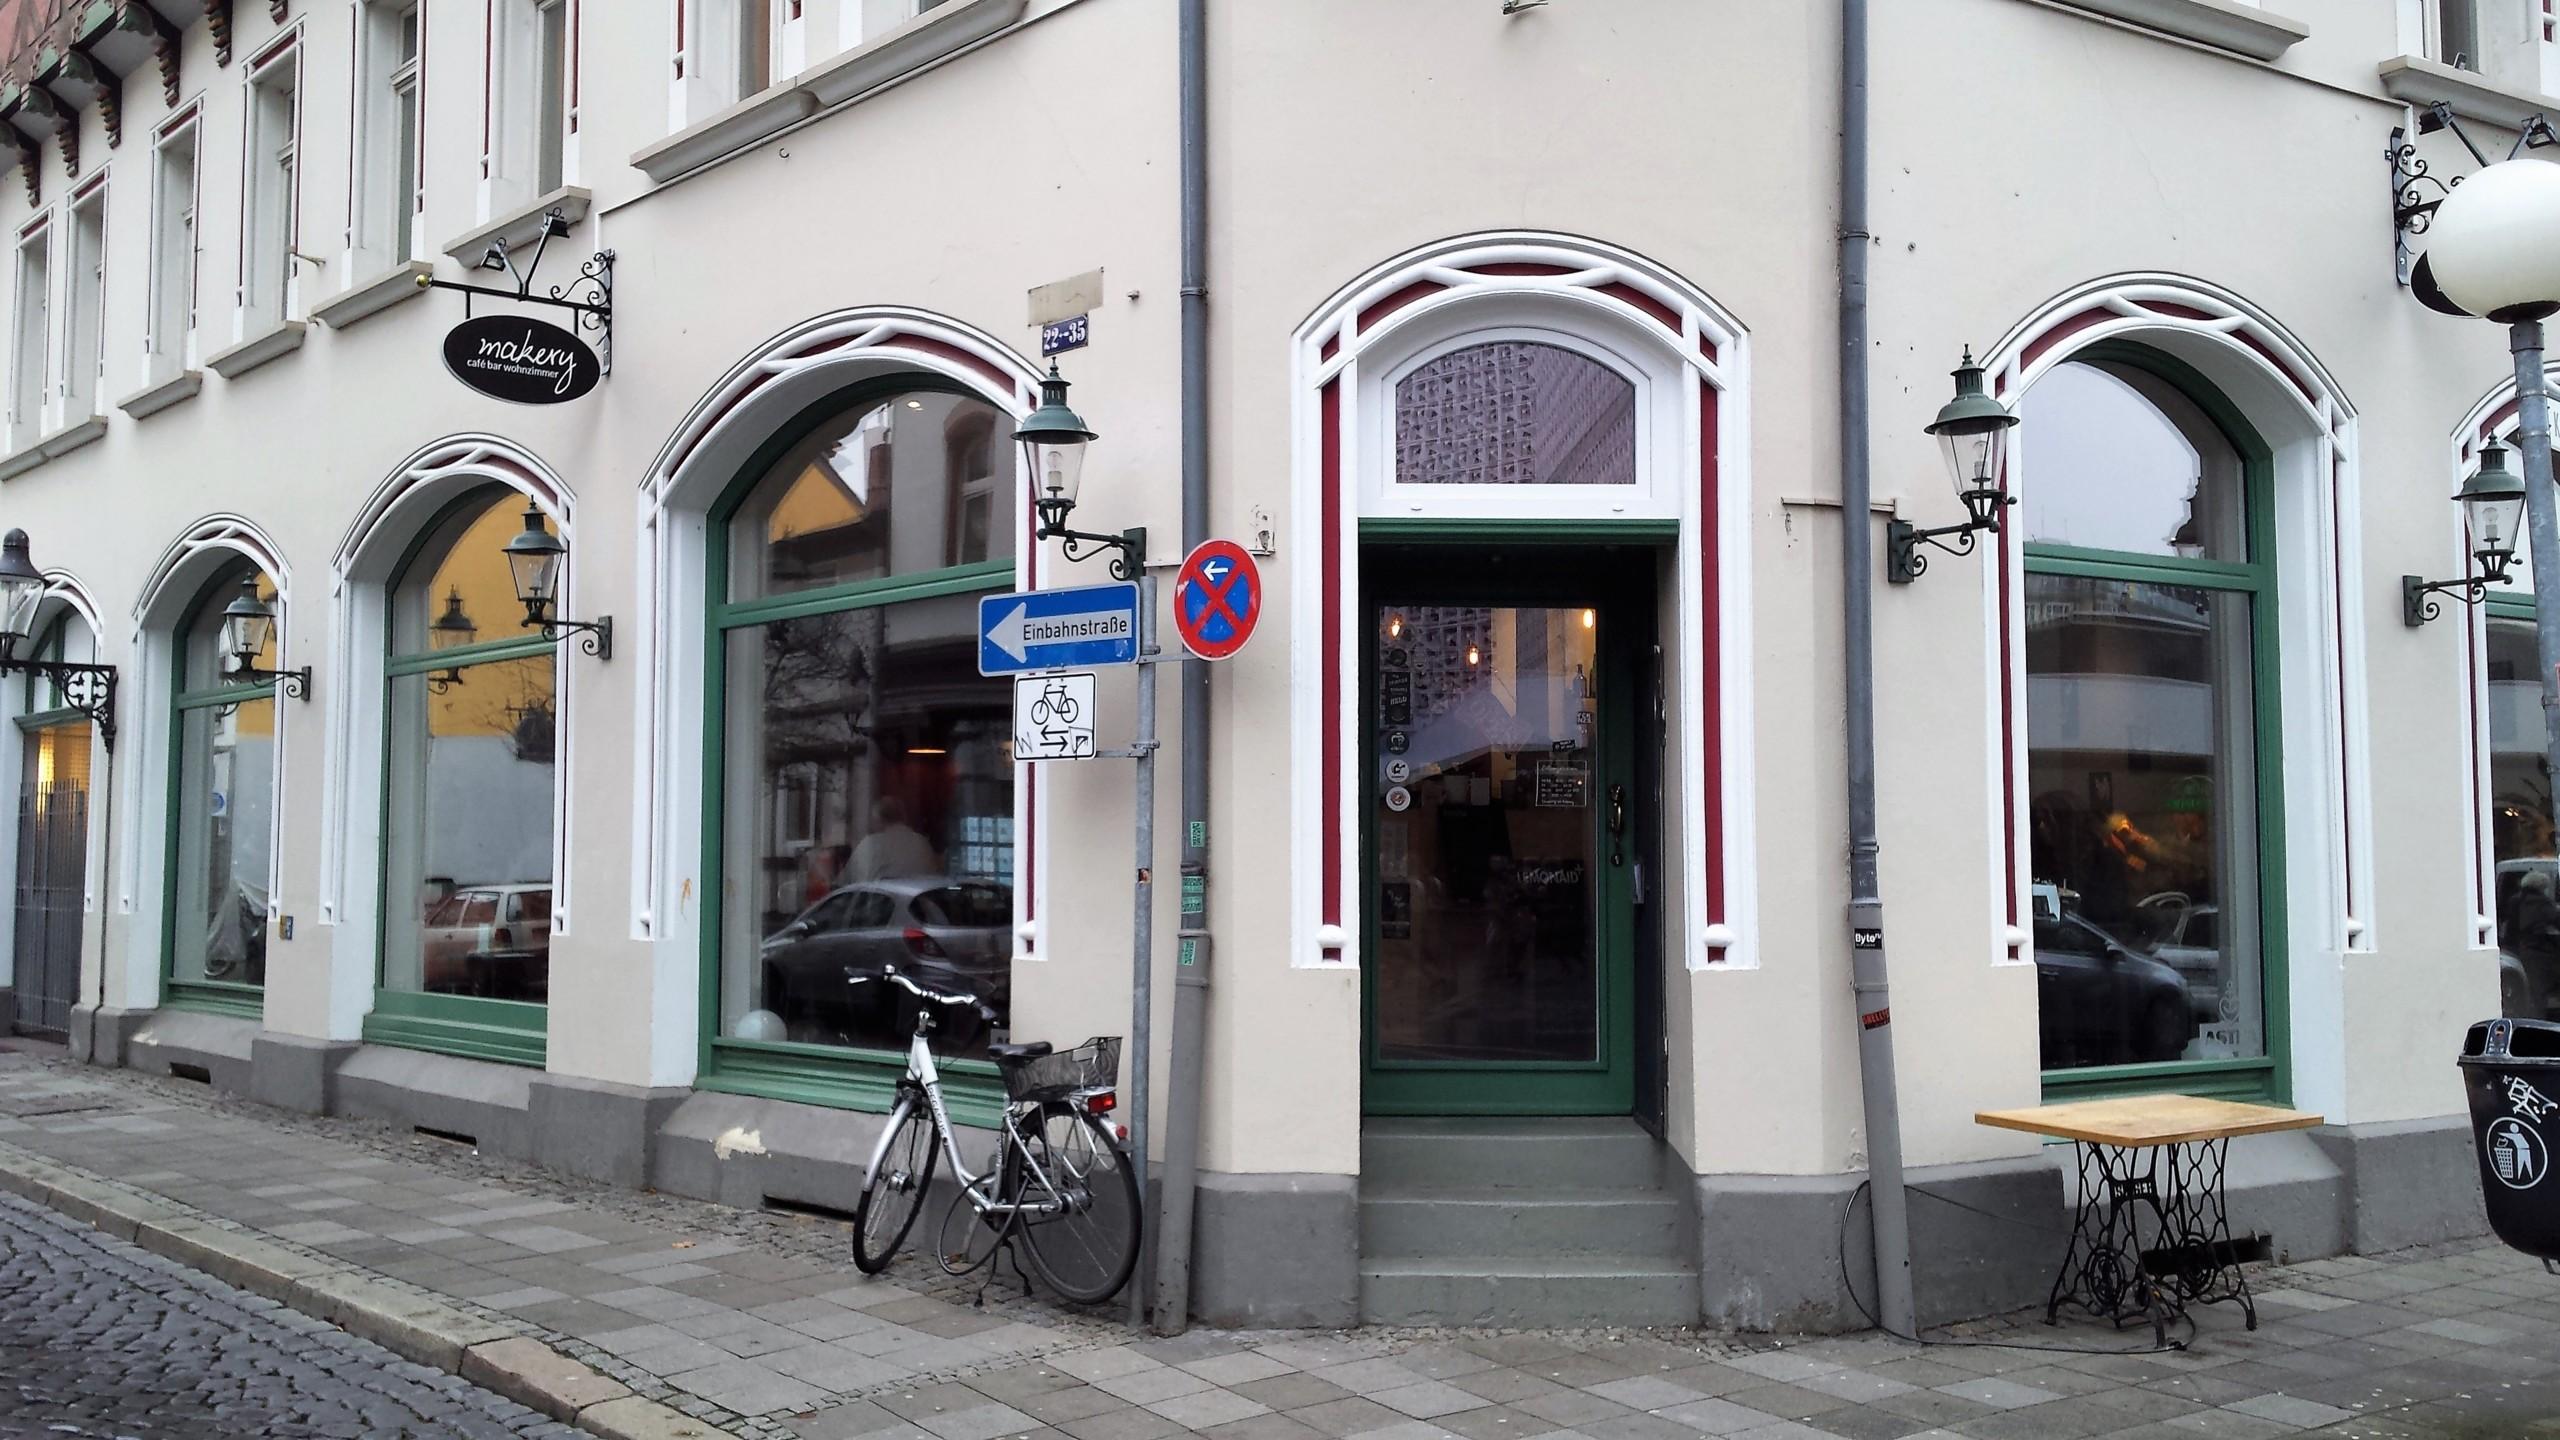 Makery Café Bar Wohnzimmer öffnungszeiten Kuhstraße In